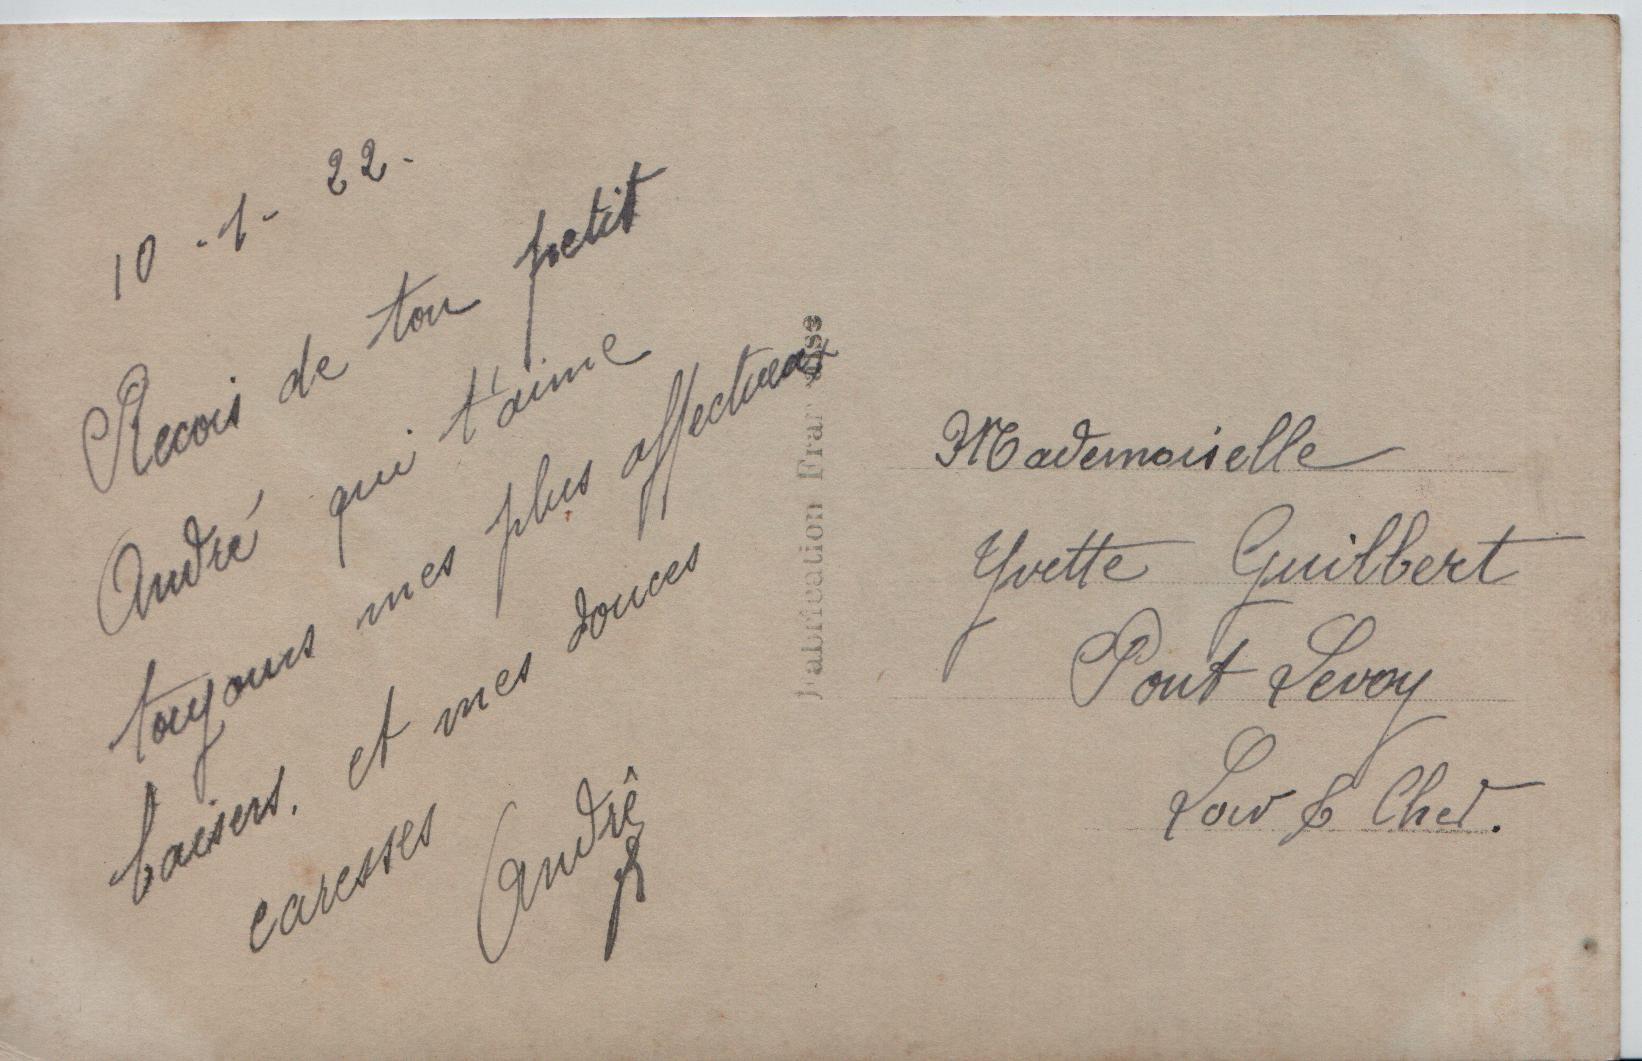 31. 10th January 1922